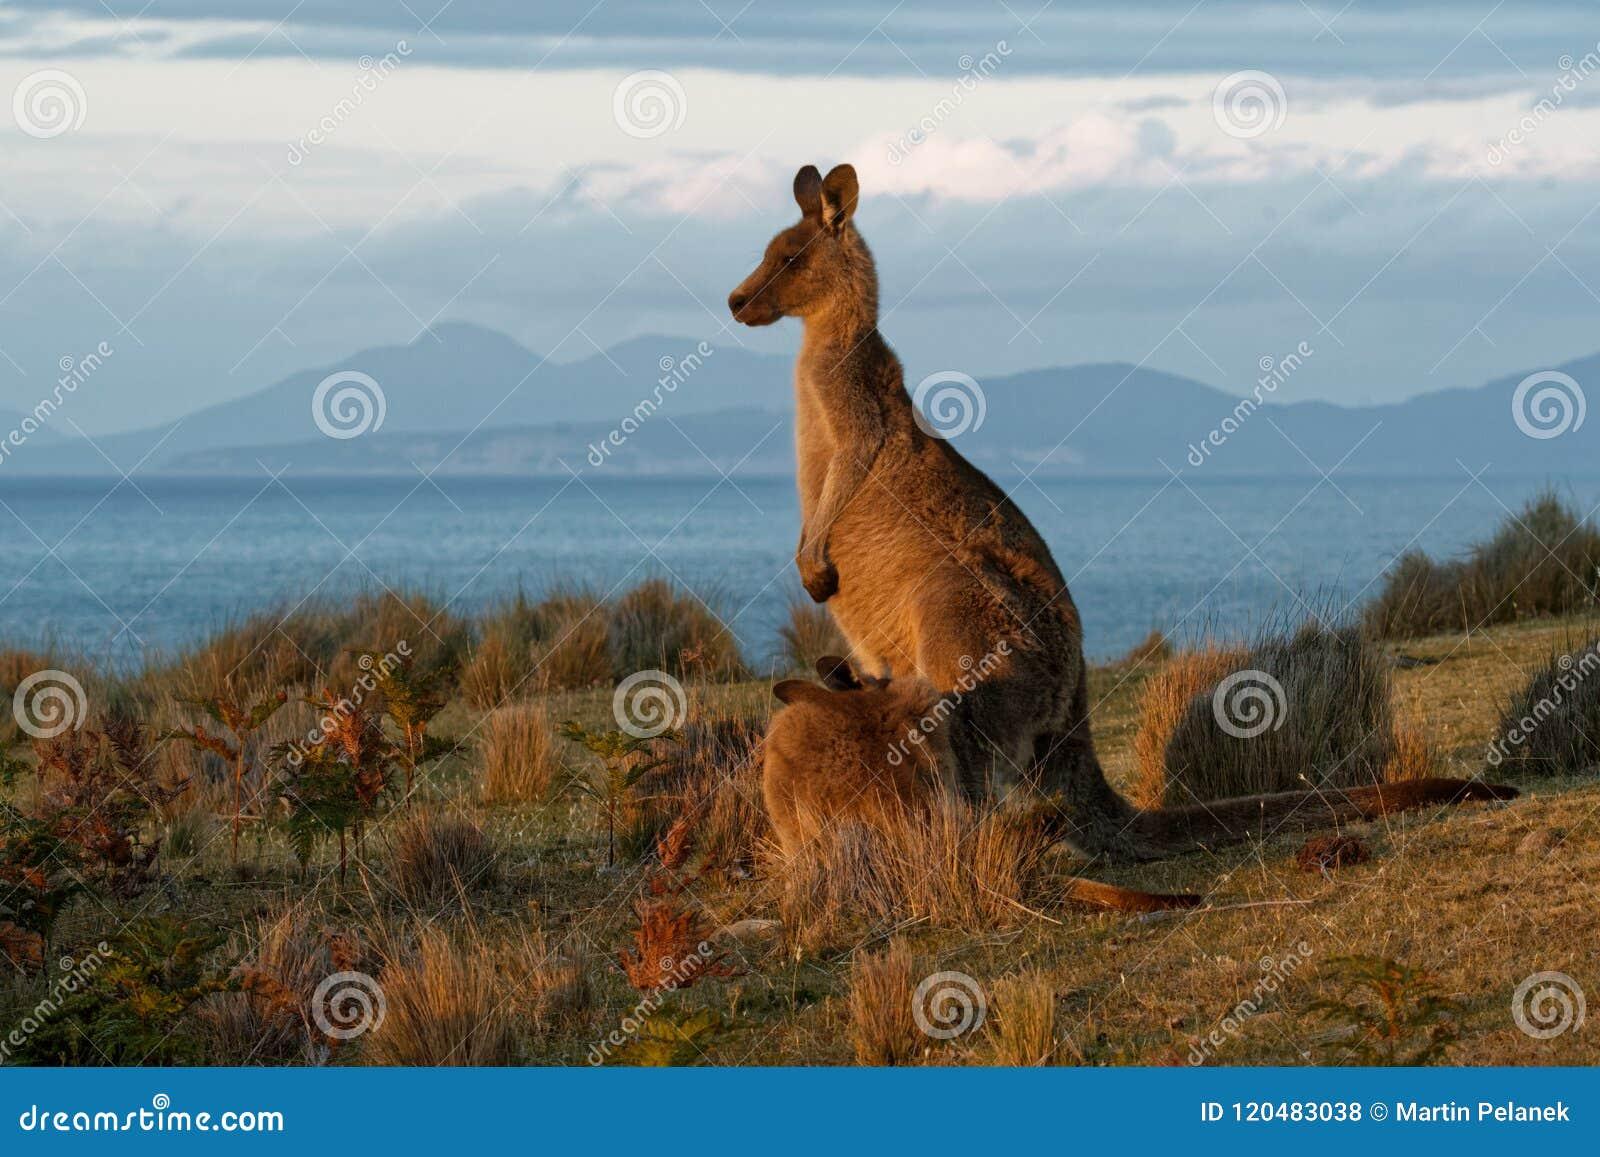 Macropus giganteus - Ost-Grey Kangaroo in Tasmanien in Australien, Maria Island, Tasmanien, stehend auf der Wiese am Abend